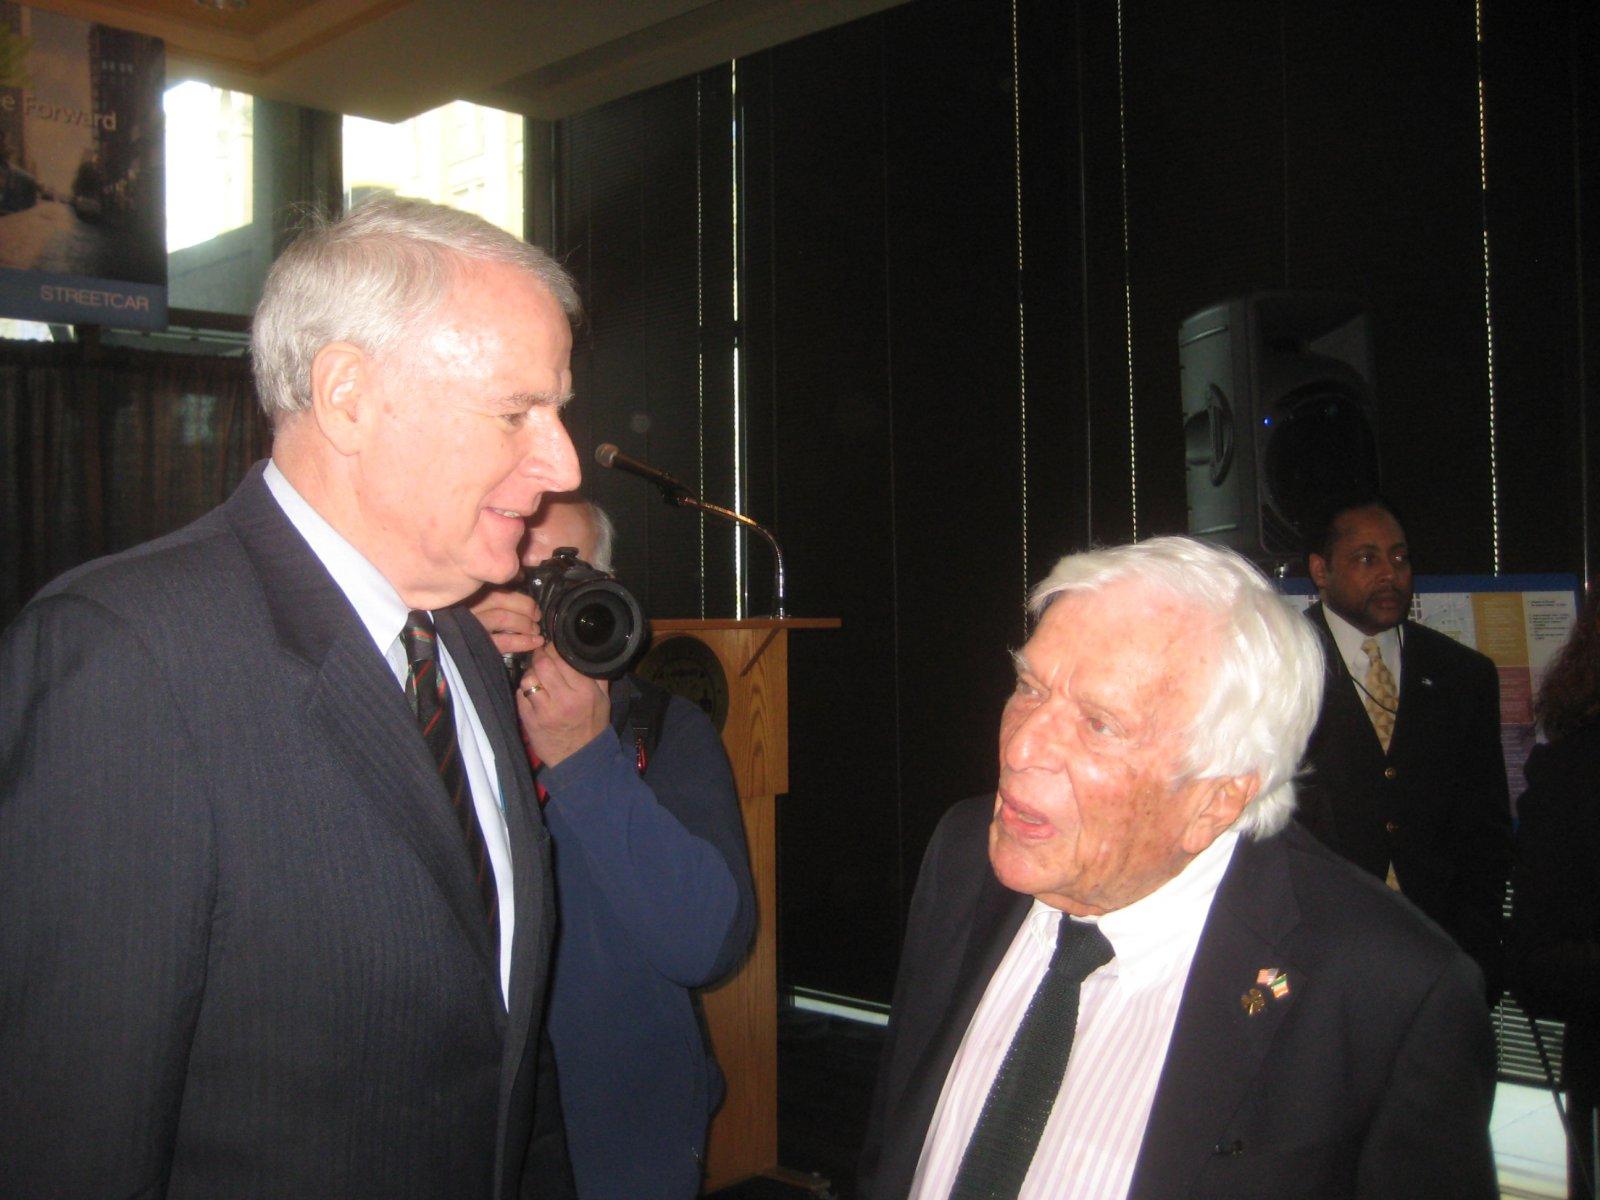 Mayor Tom Barrett and Michael Cudahy.